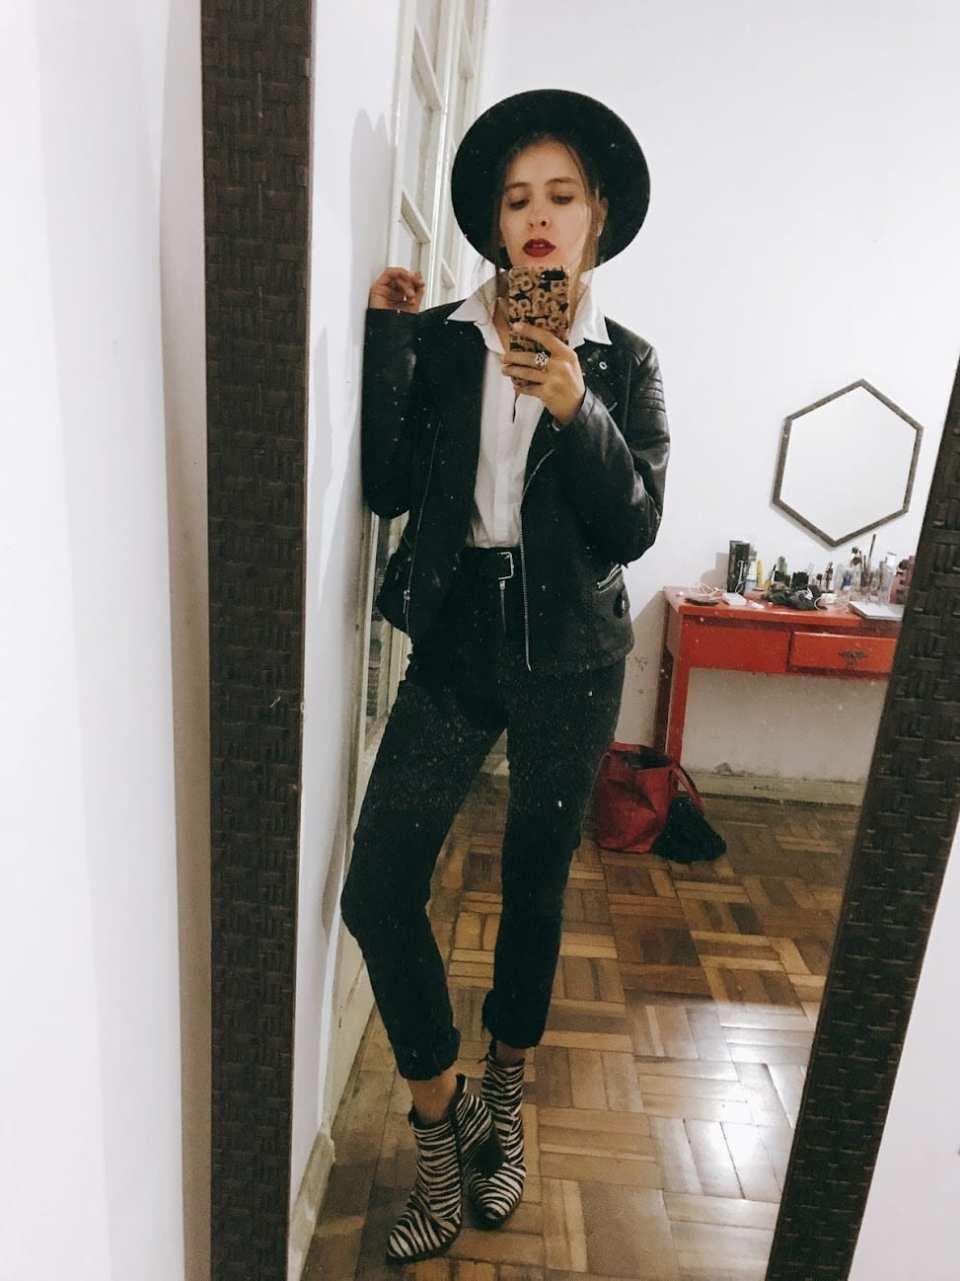 Marcie posa em frente a um espelho com celular na mão. O look é composto por chapéu preto com cabelo preto, camisa branca, jaqueta de couro, calça skinny preta com cinto preto e bota de zebra com pelinhos.